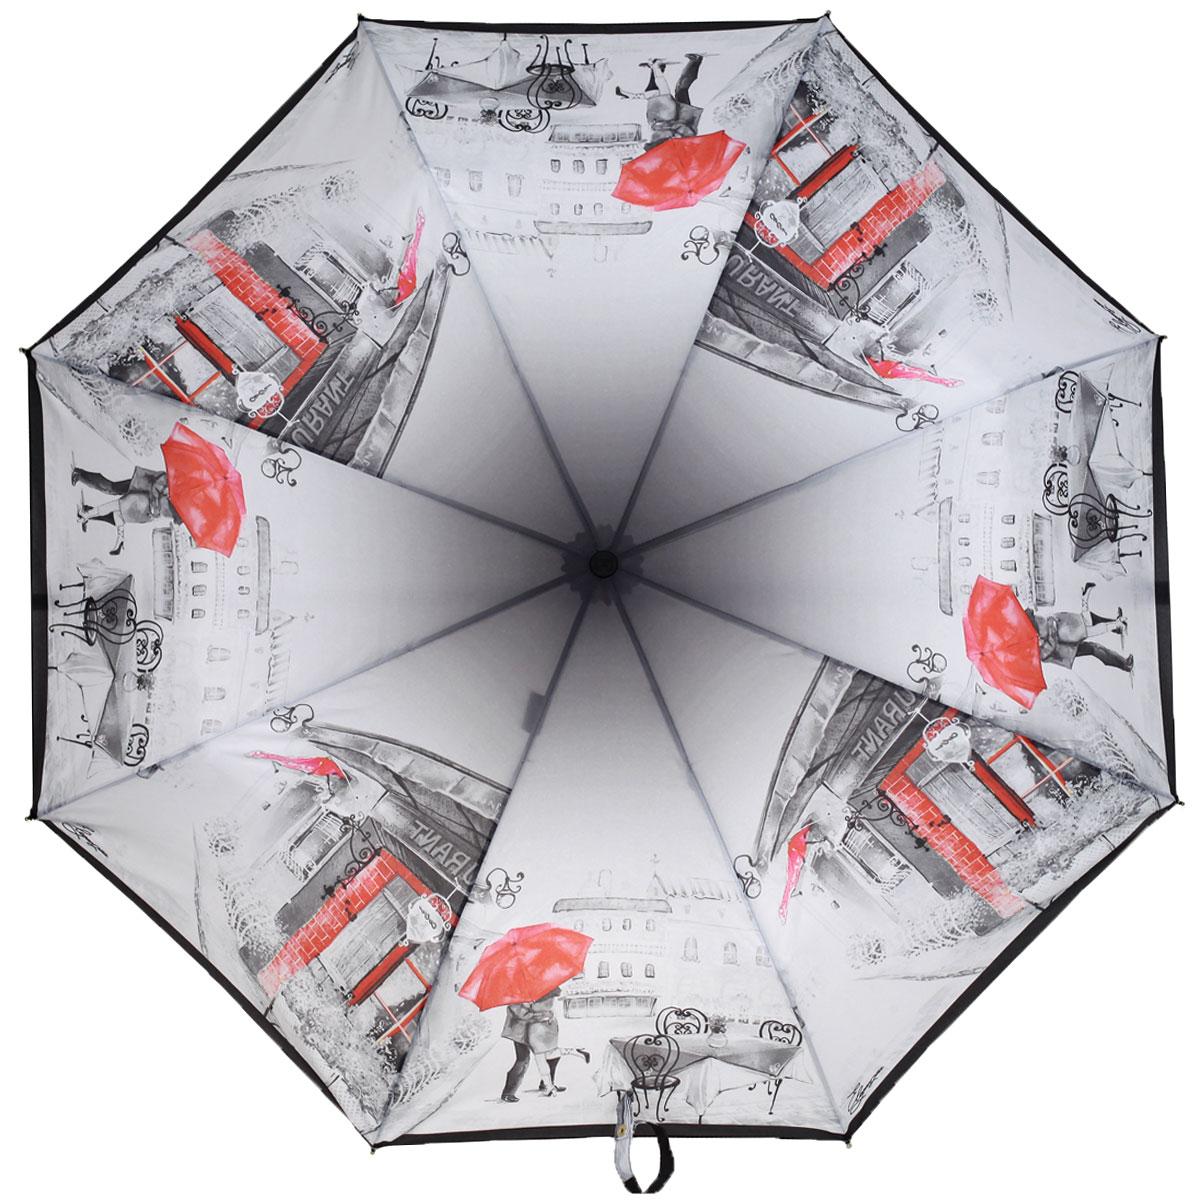 Зонт женский Eleganzza, автомат, 3 сложения, цвет: темно-серый, красный. A3-05-0295 зонт женский isotoner ниагара 4 сложения полный автомат цвет черный